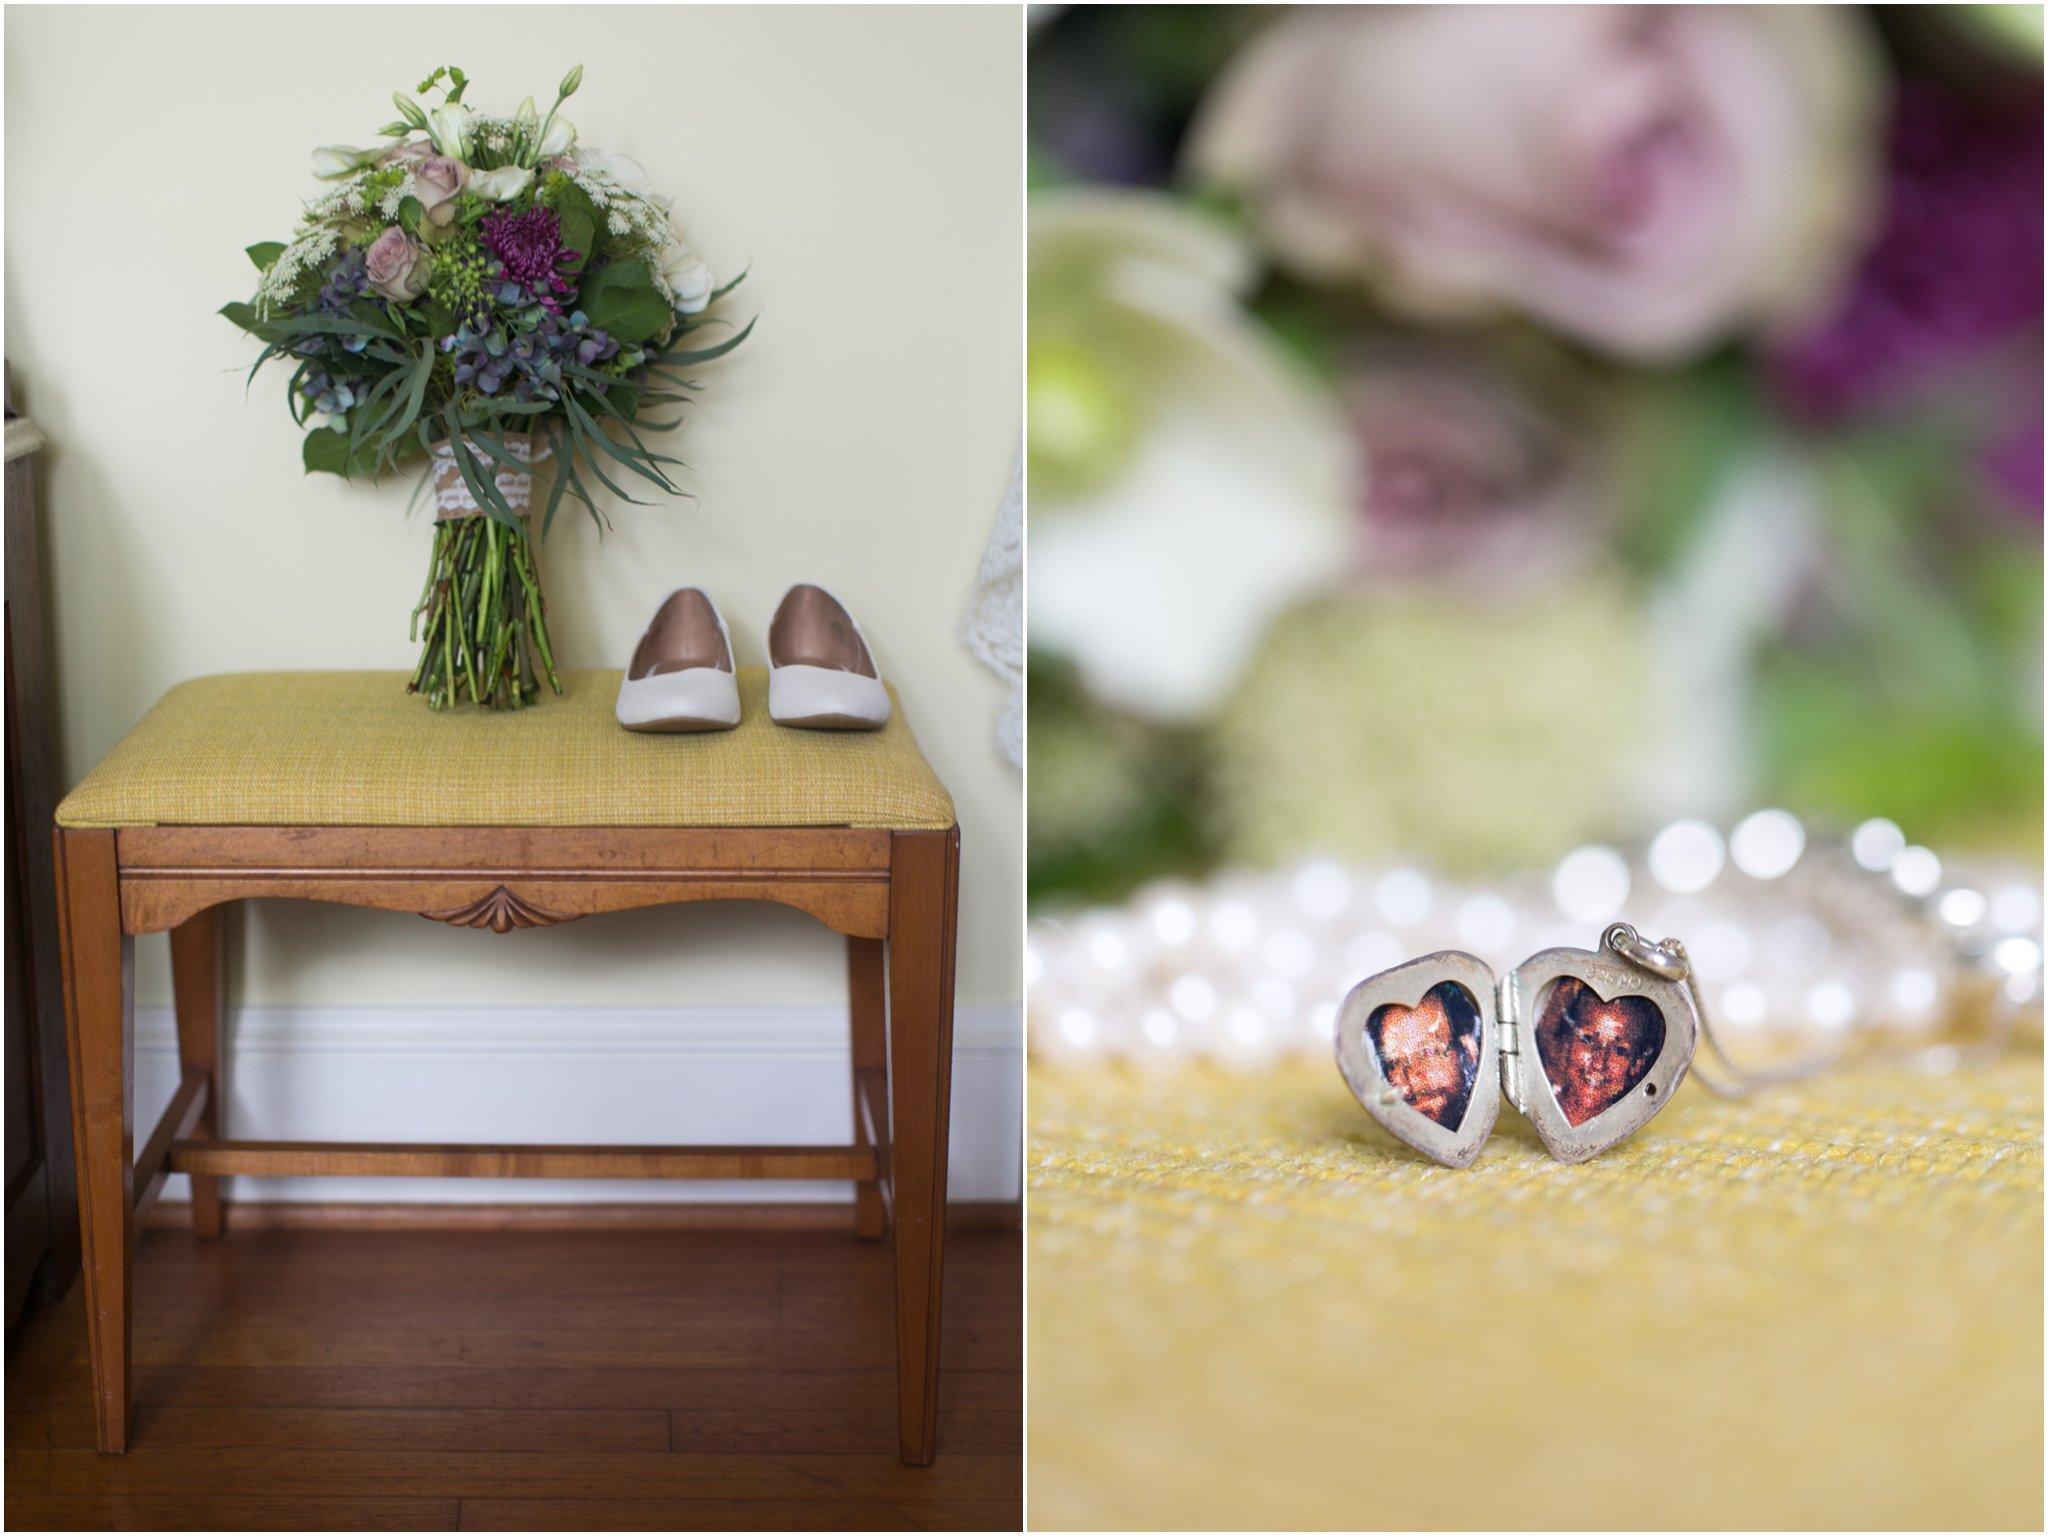 Jessicaryanphotography_virginiabeachwedding_virginiaweddingphotographer_weddingdetails_weddingjewelry_weddingdecorations_0435